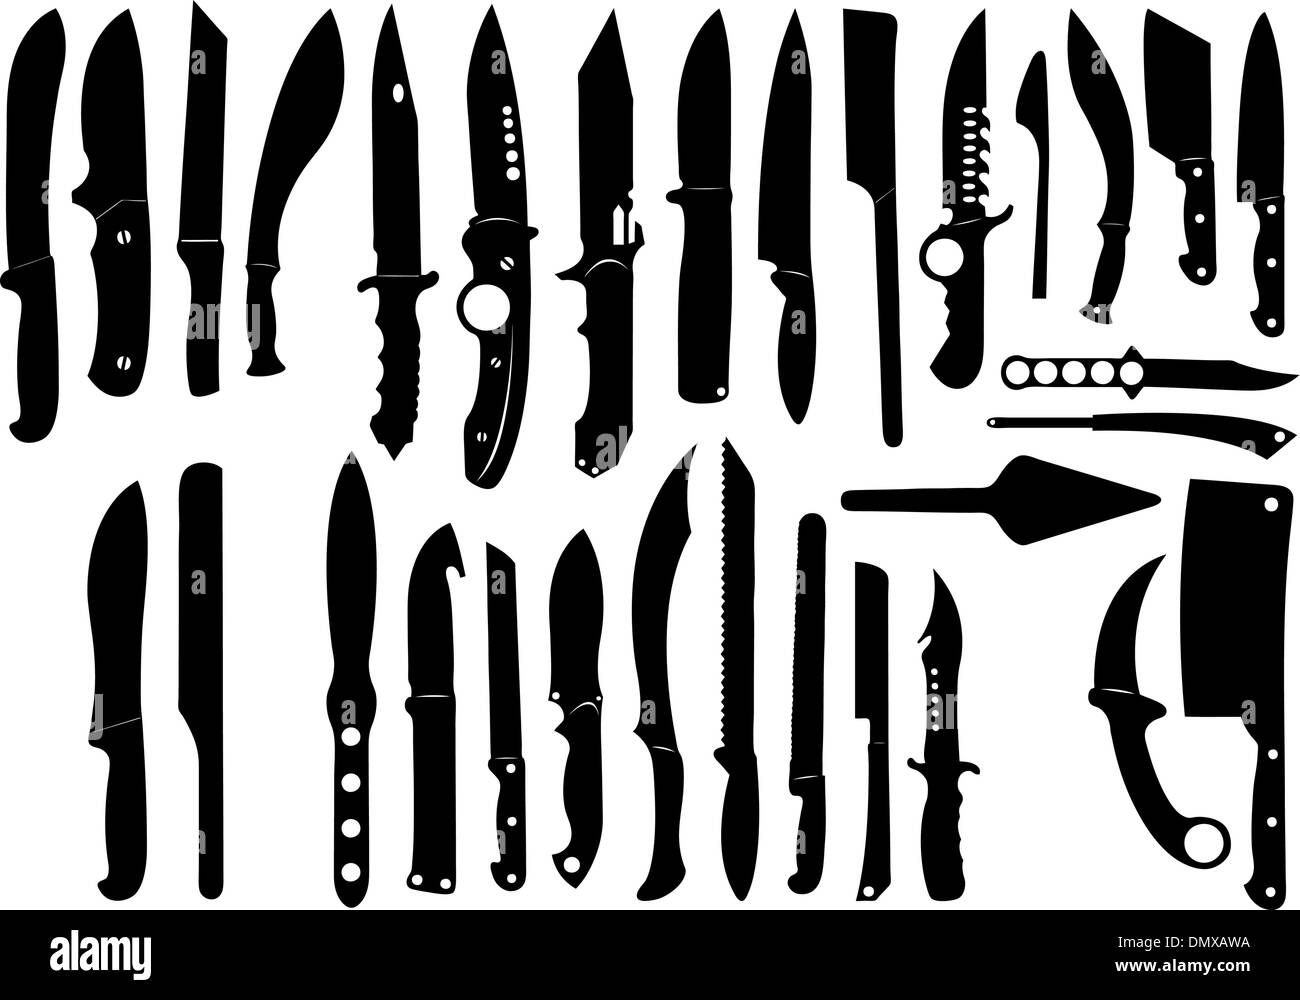 Knifes set - Stock Image